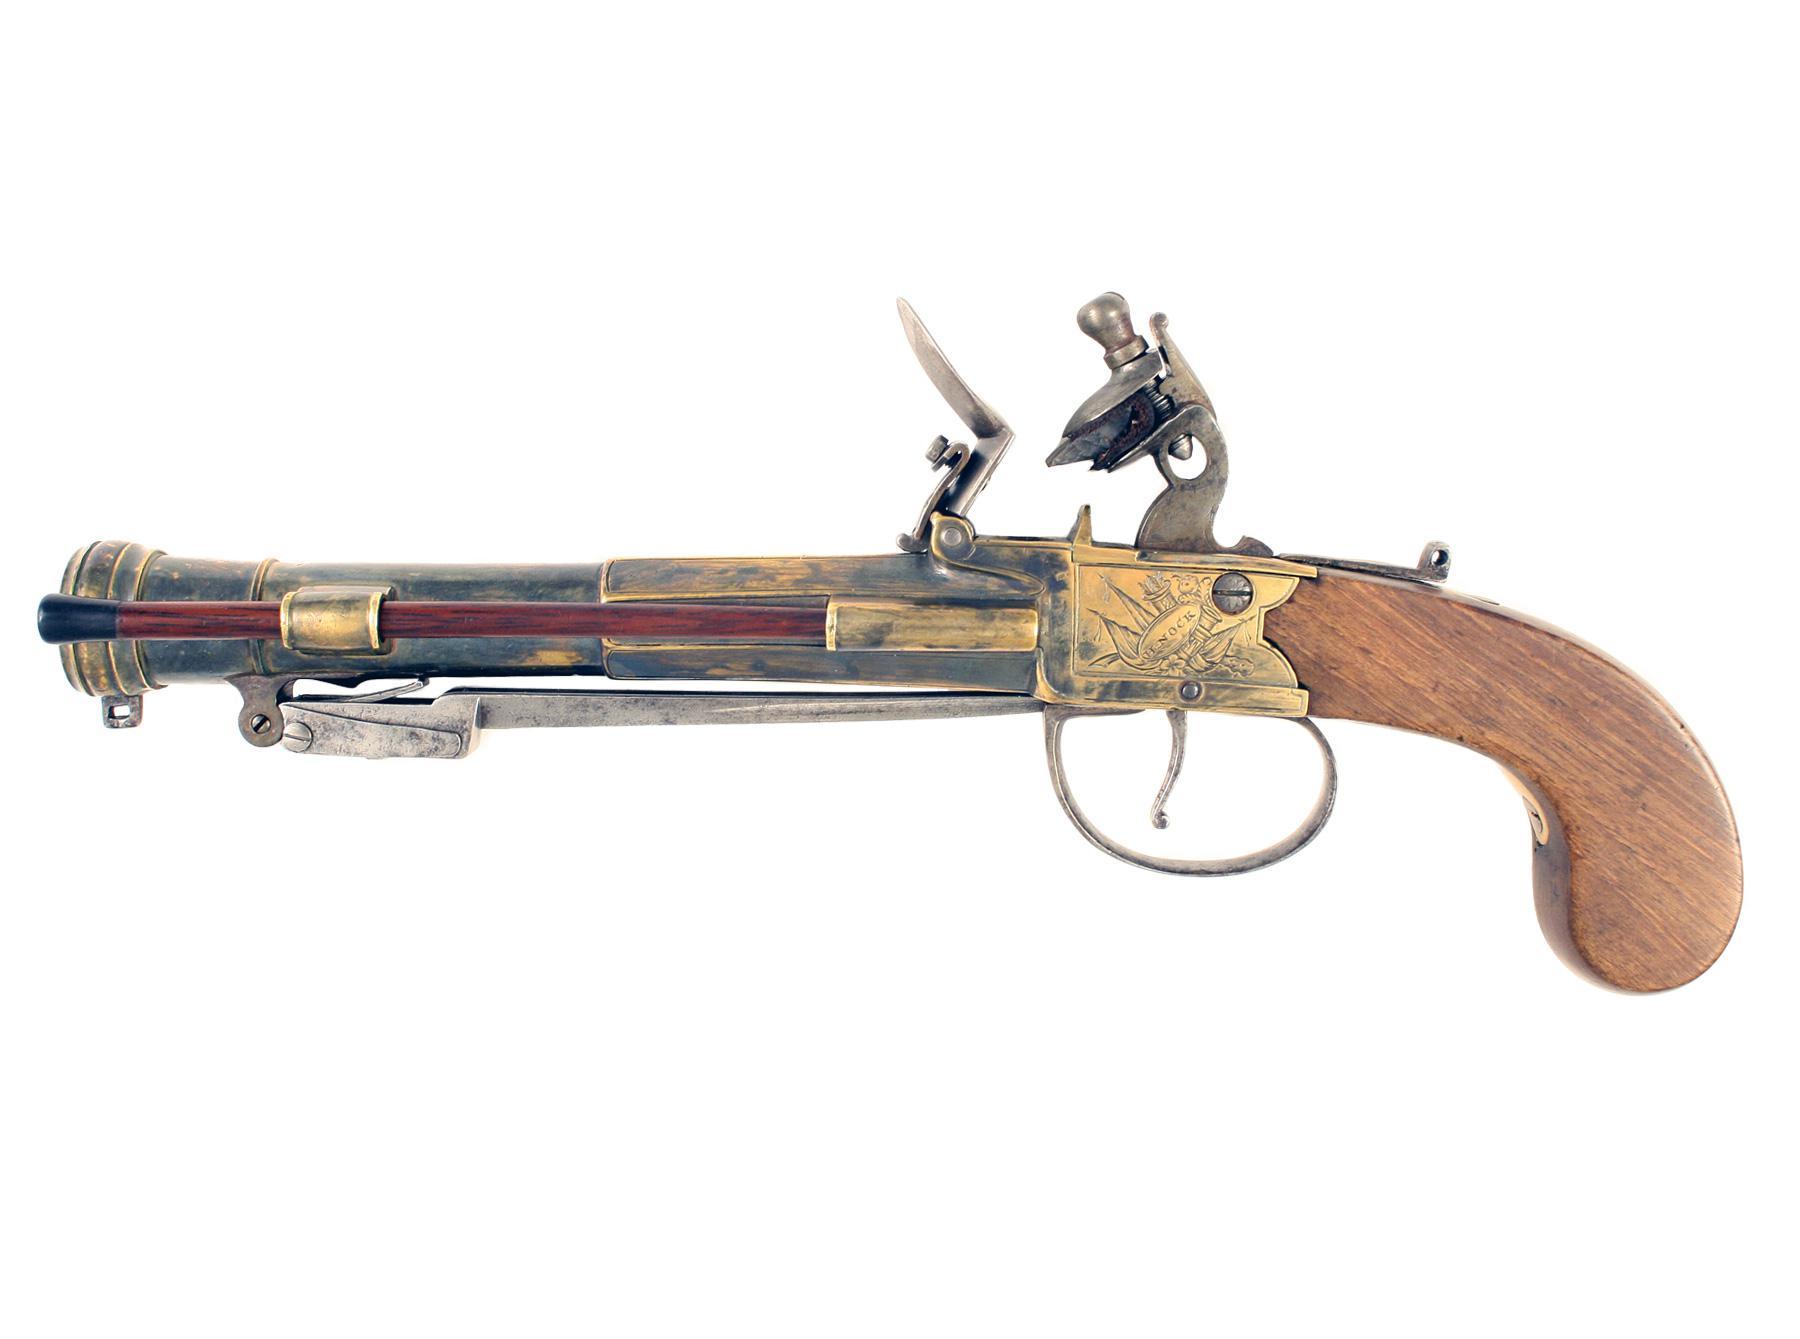 A Flintlock Blunderbuss Pistol by Nock